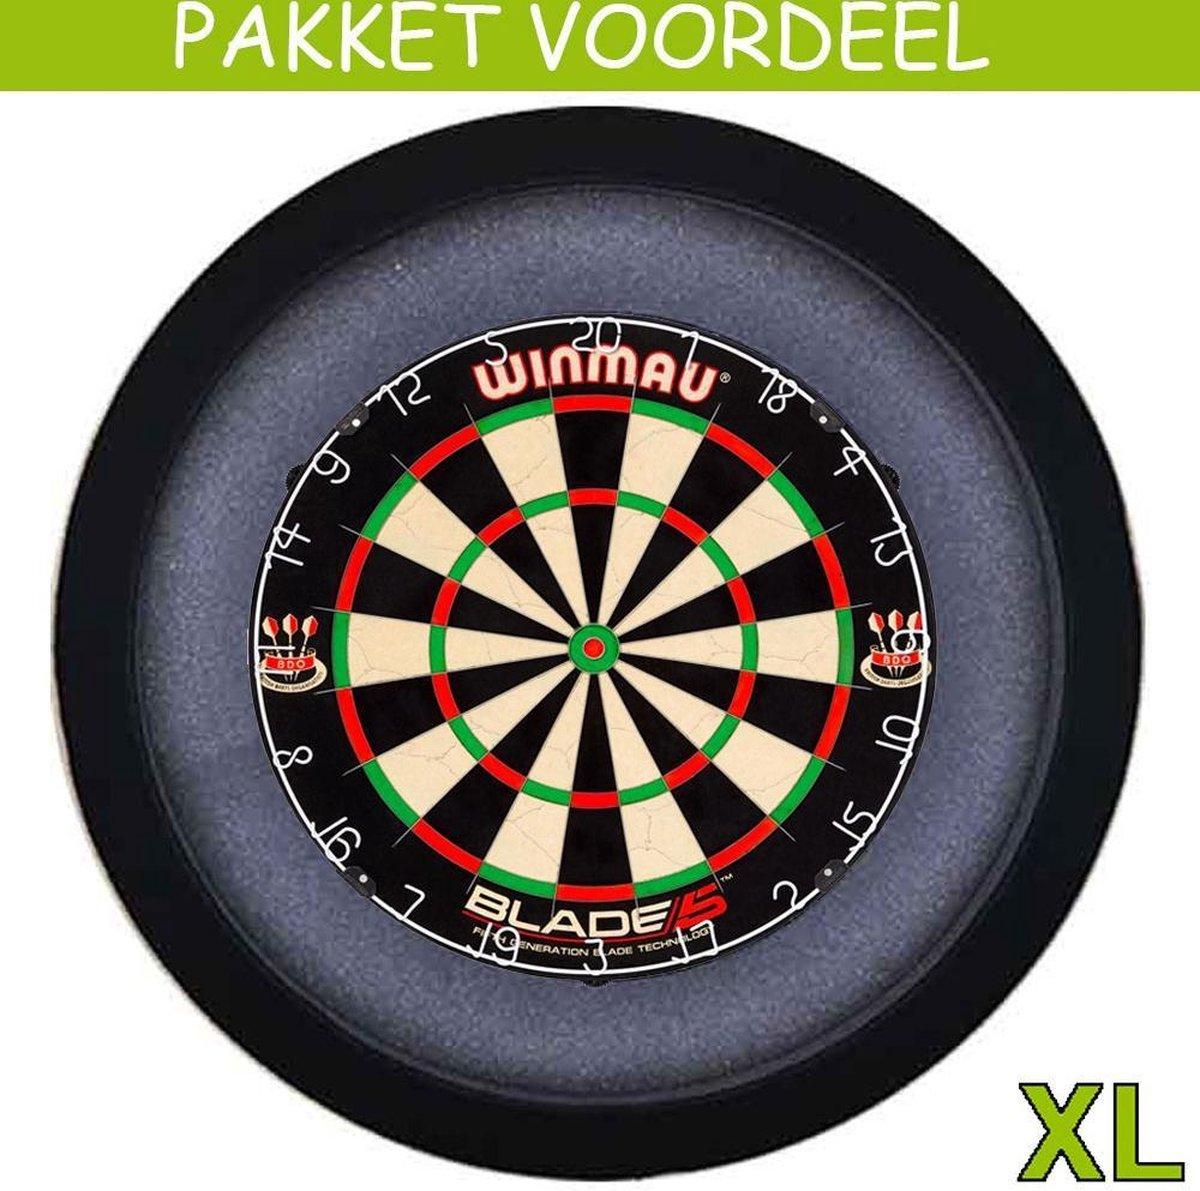 Dartbord Verlichting Voordeelpakket Pro + Blade 5 + Dartbordverlichting Basic XL(Zwart)